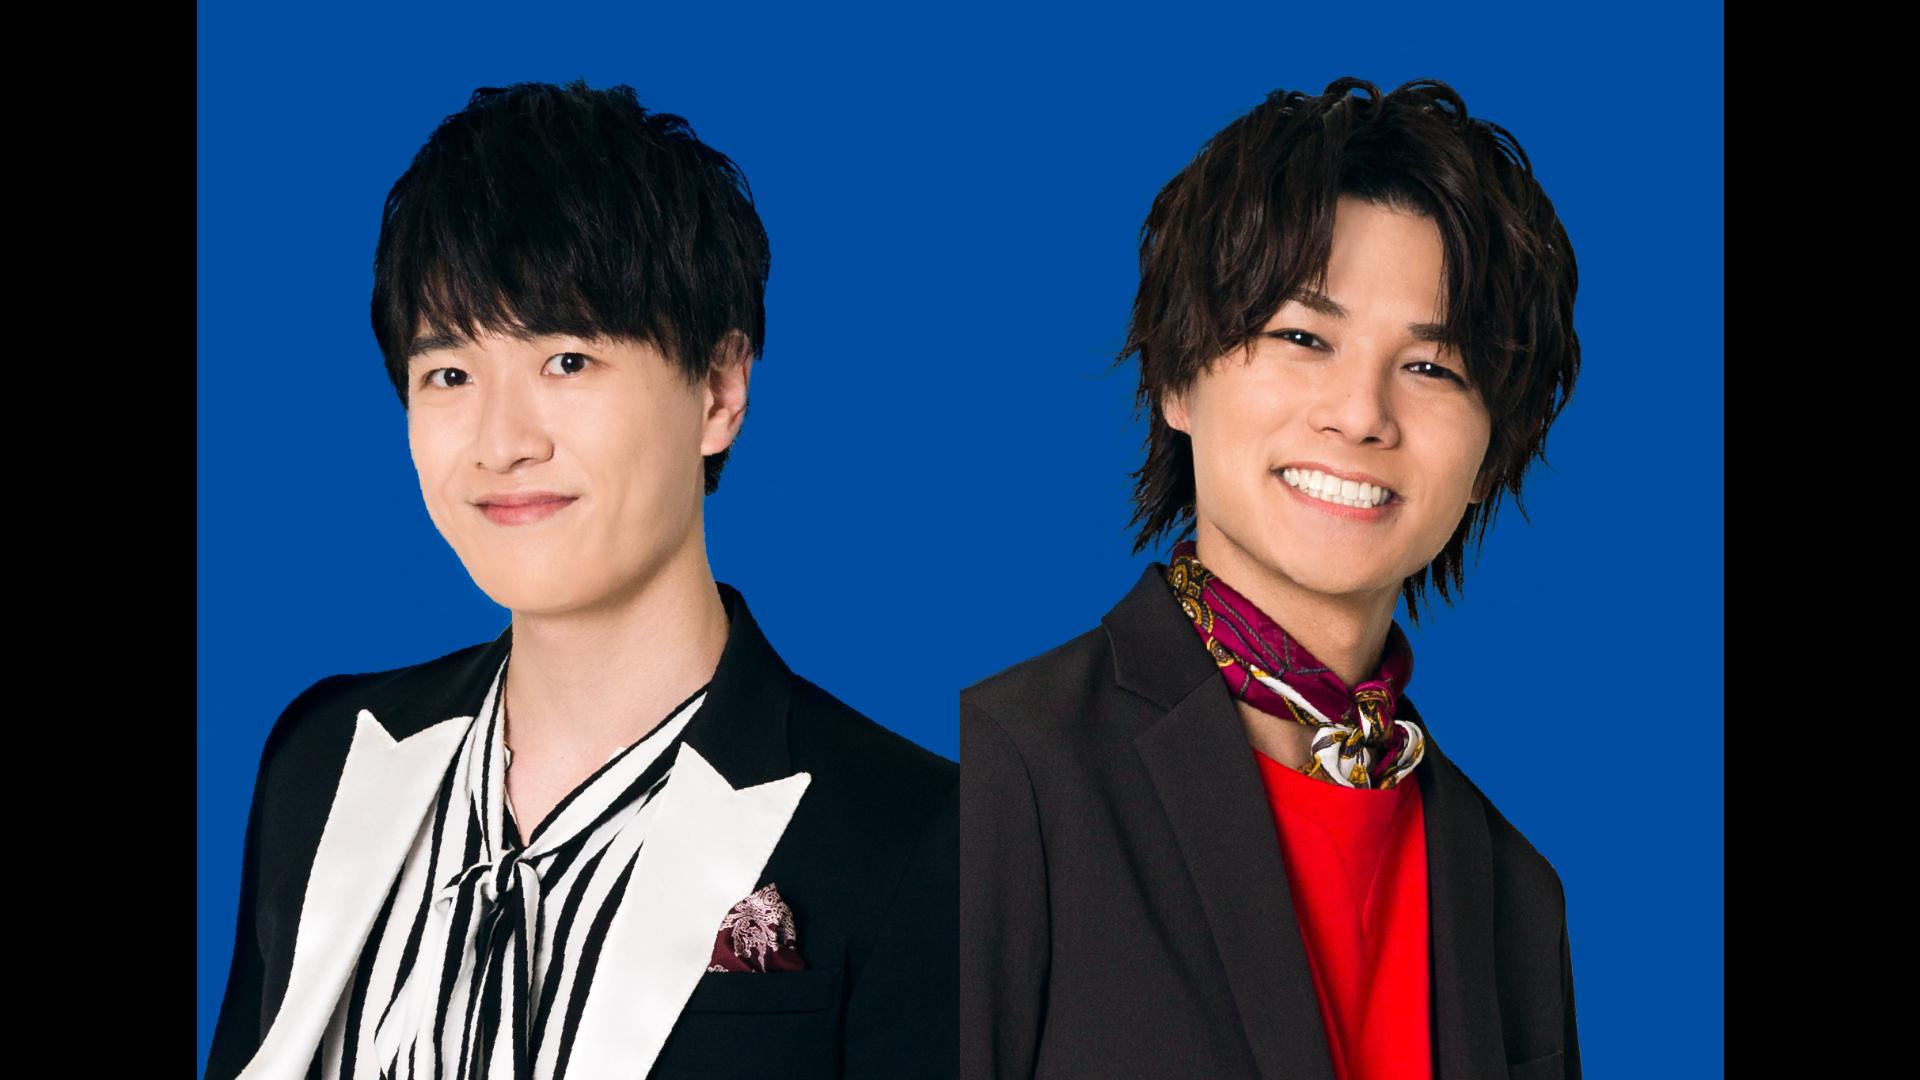 平原綾香 CONCERT TOUR 2020-2021 ~MOSHIMO~の画像